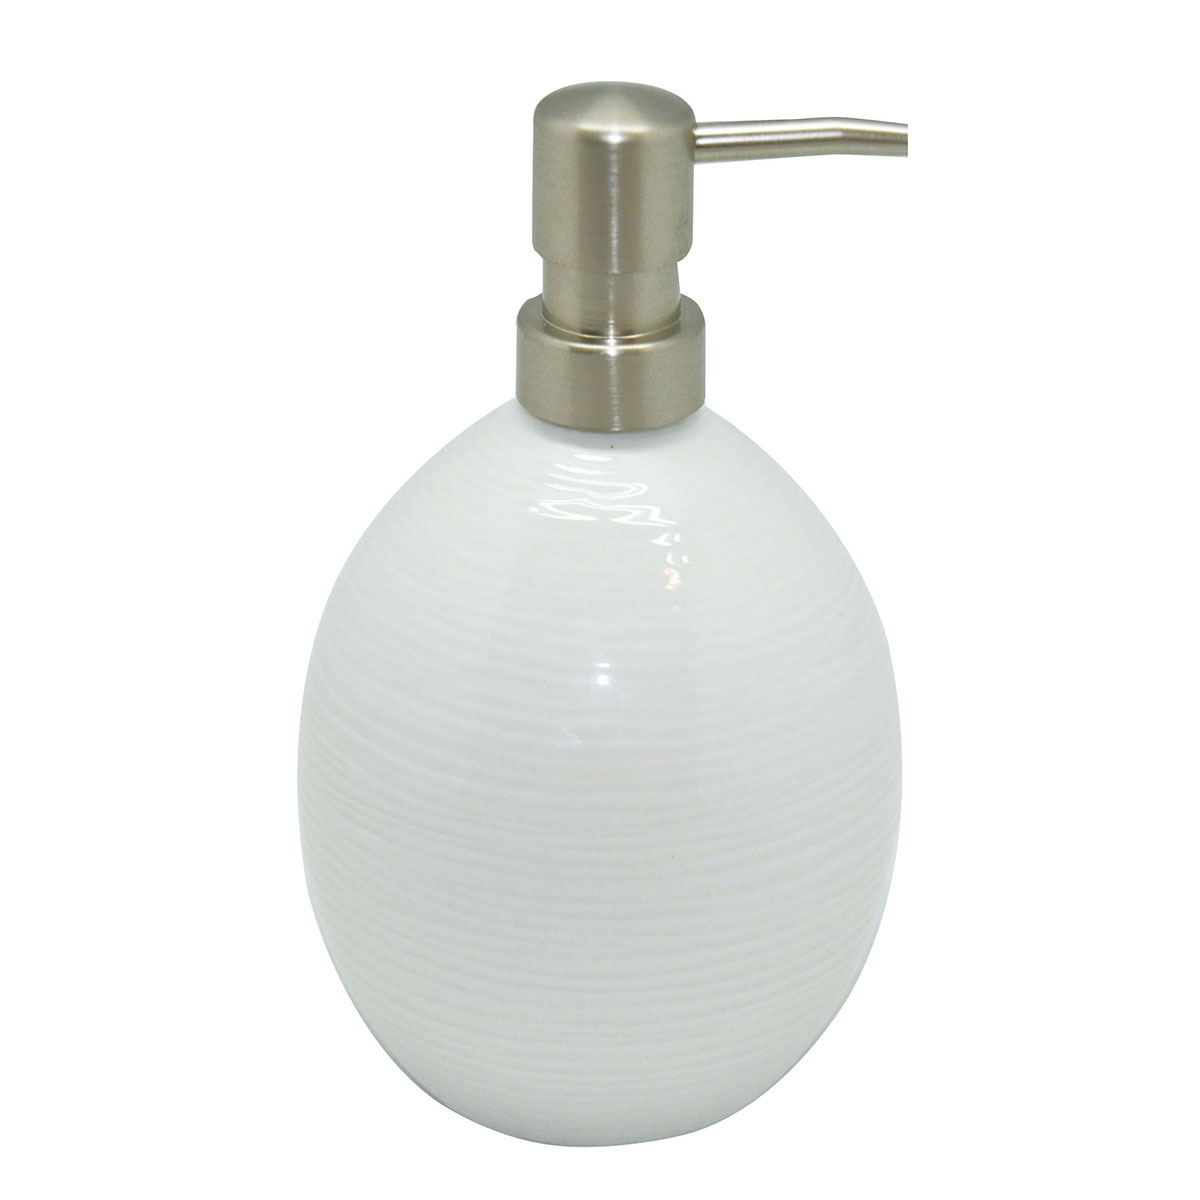 Distributeur de savon en porcelaine rayé blanc